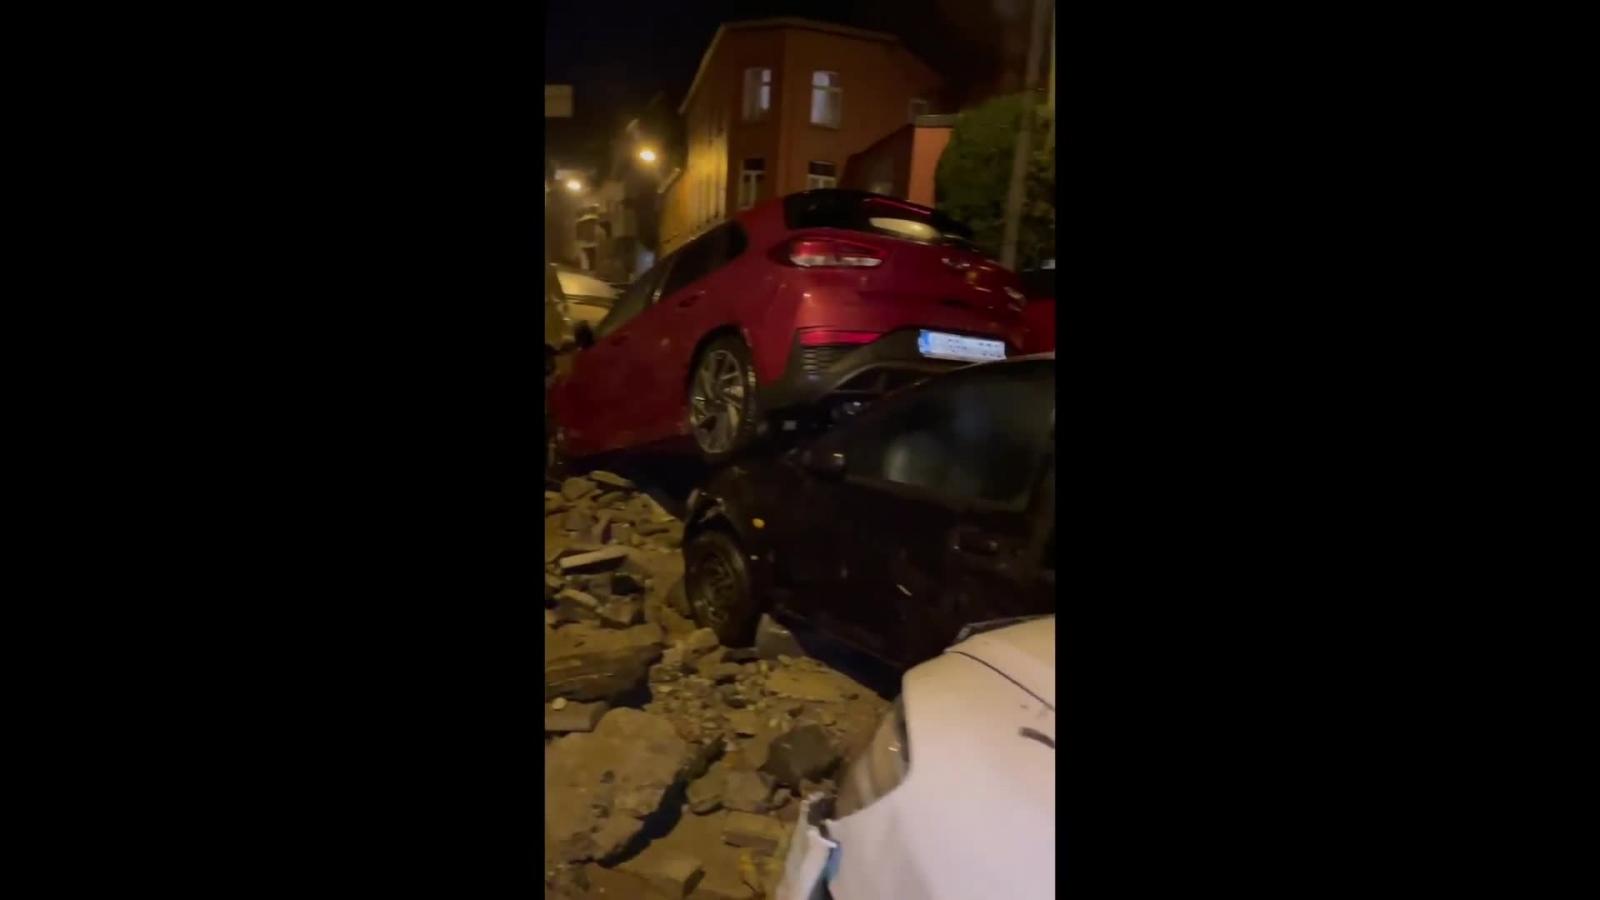 Lũ lụt kinh hoàng cuốn trôi hàng loạt ô tô trên đường phố ở Bỉ